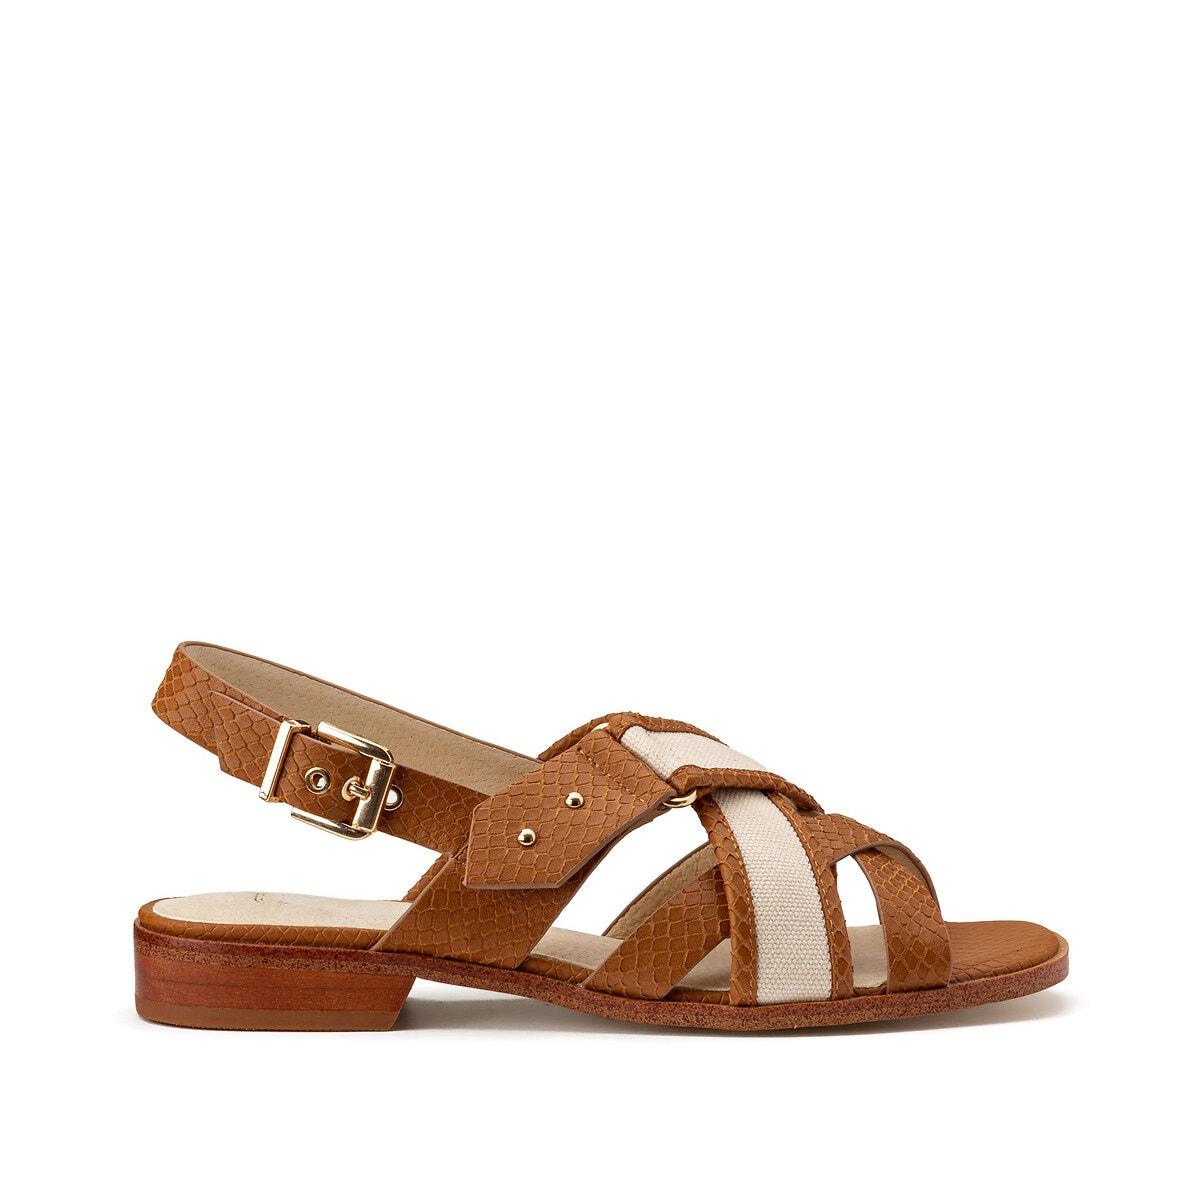 Womens Sandals WedgesLeather Heeled FlatsLa Redoute